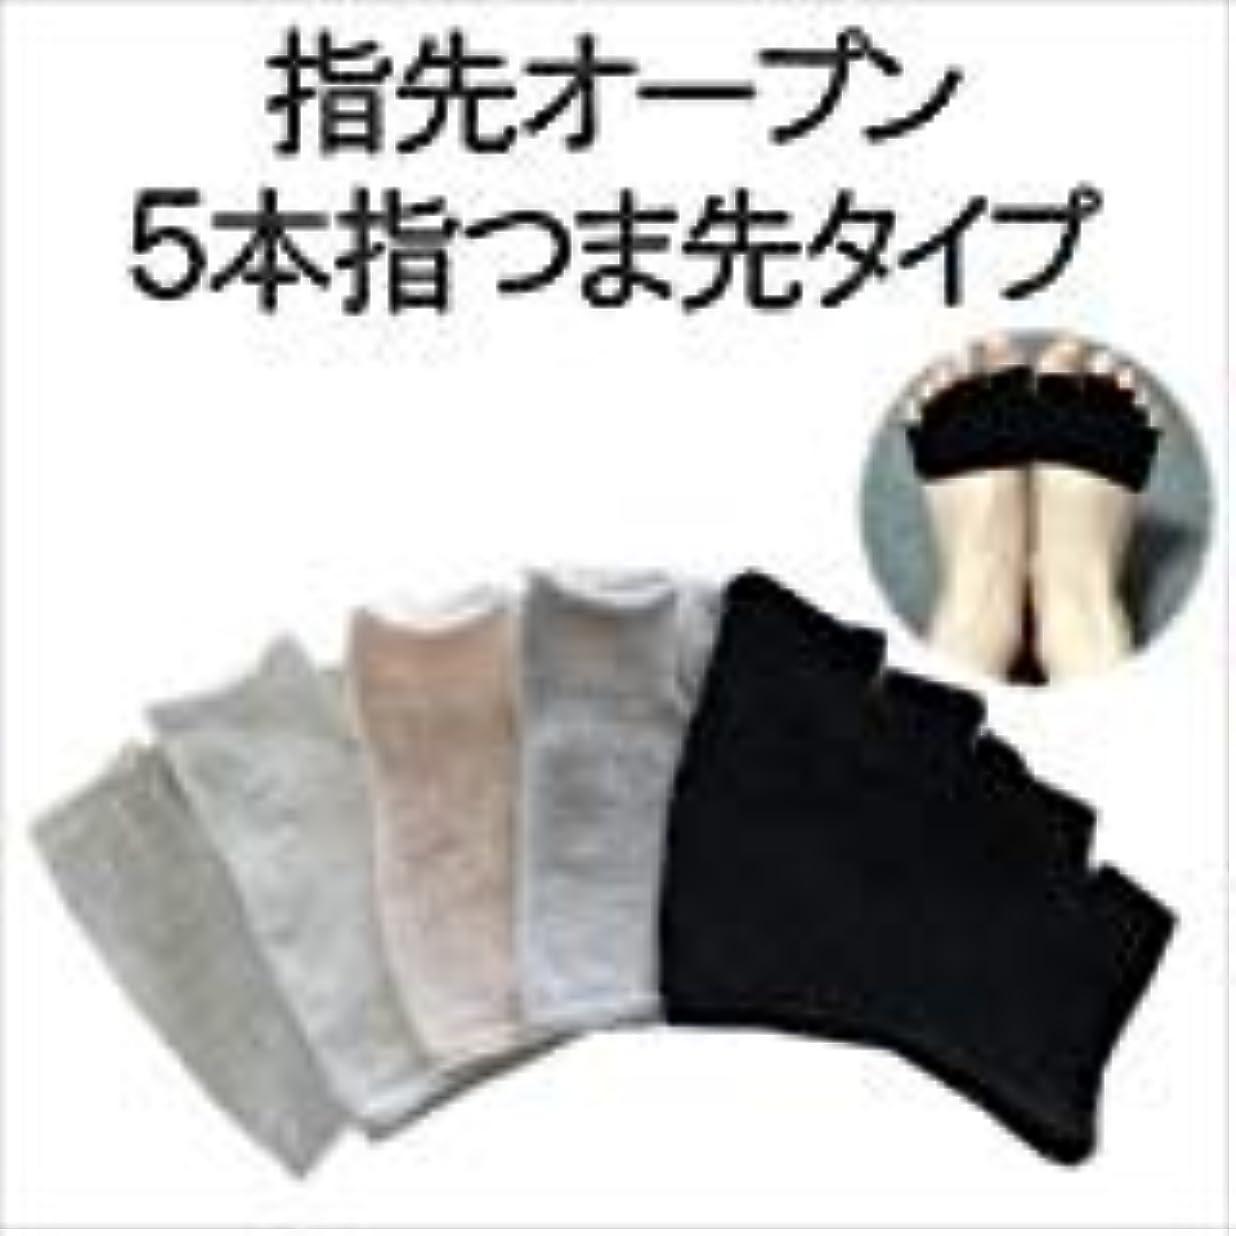 食物と組むダーツ重ね履き用 5本指 指先オープン 汗 臭い対策 男女兼用 太陽ニット 310 (グレー)